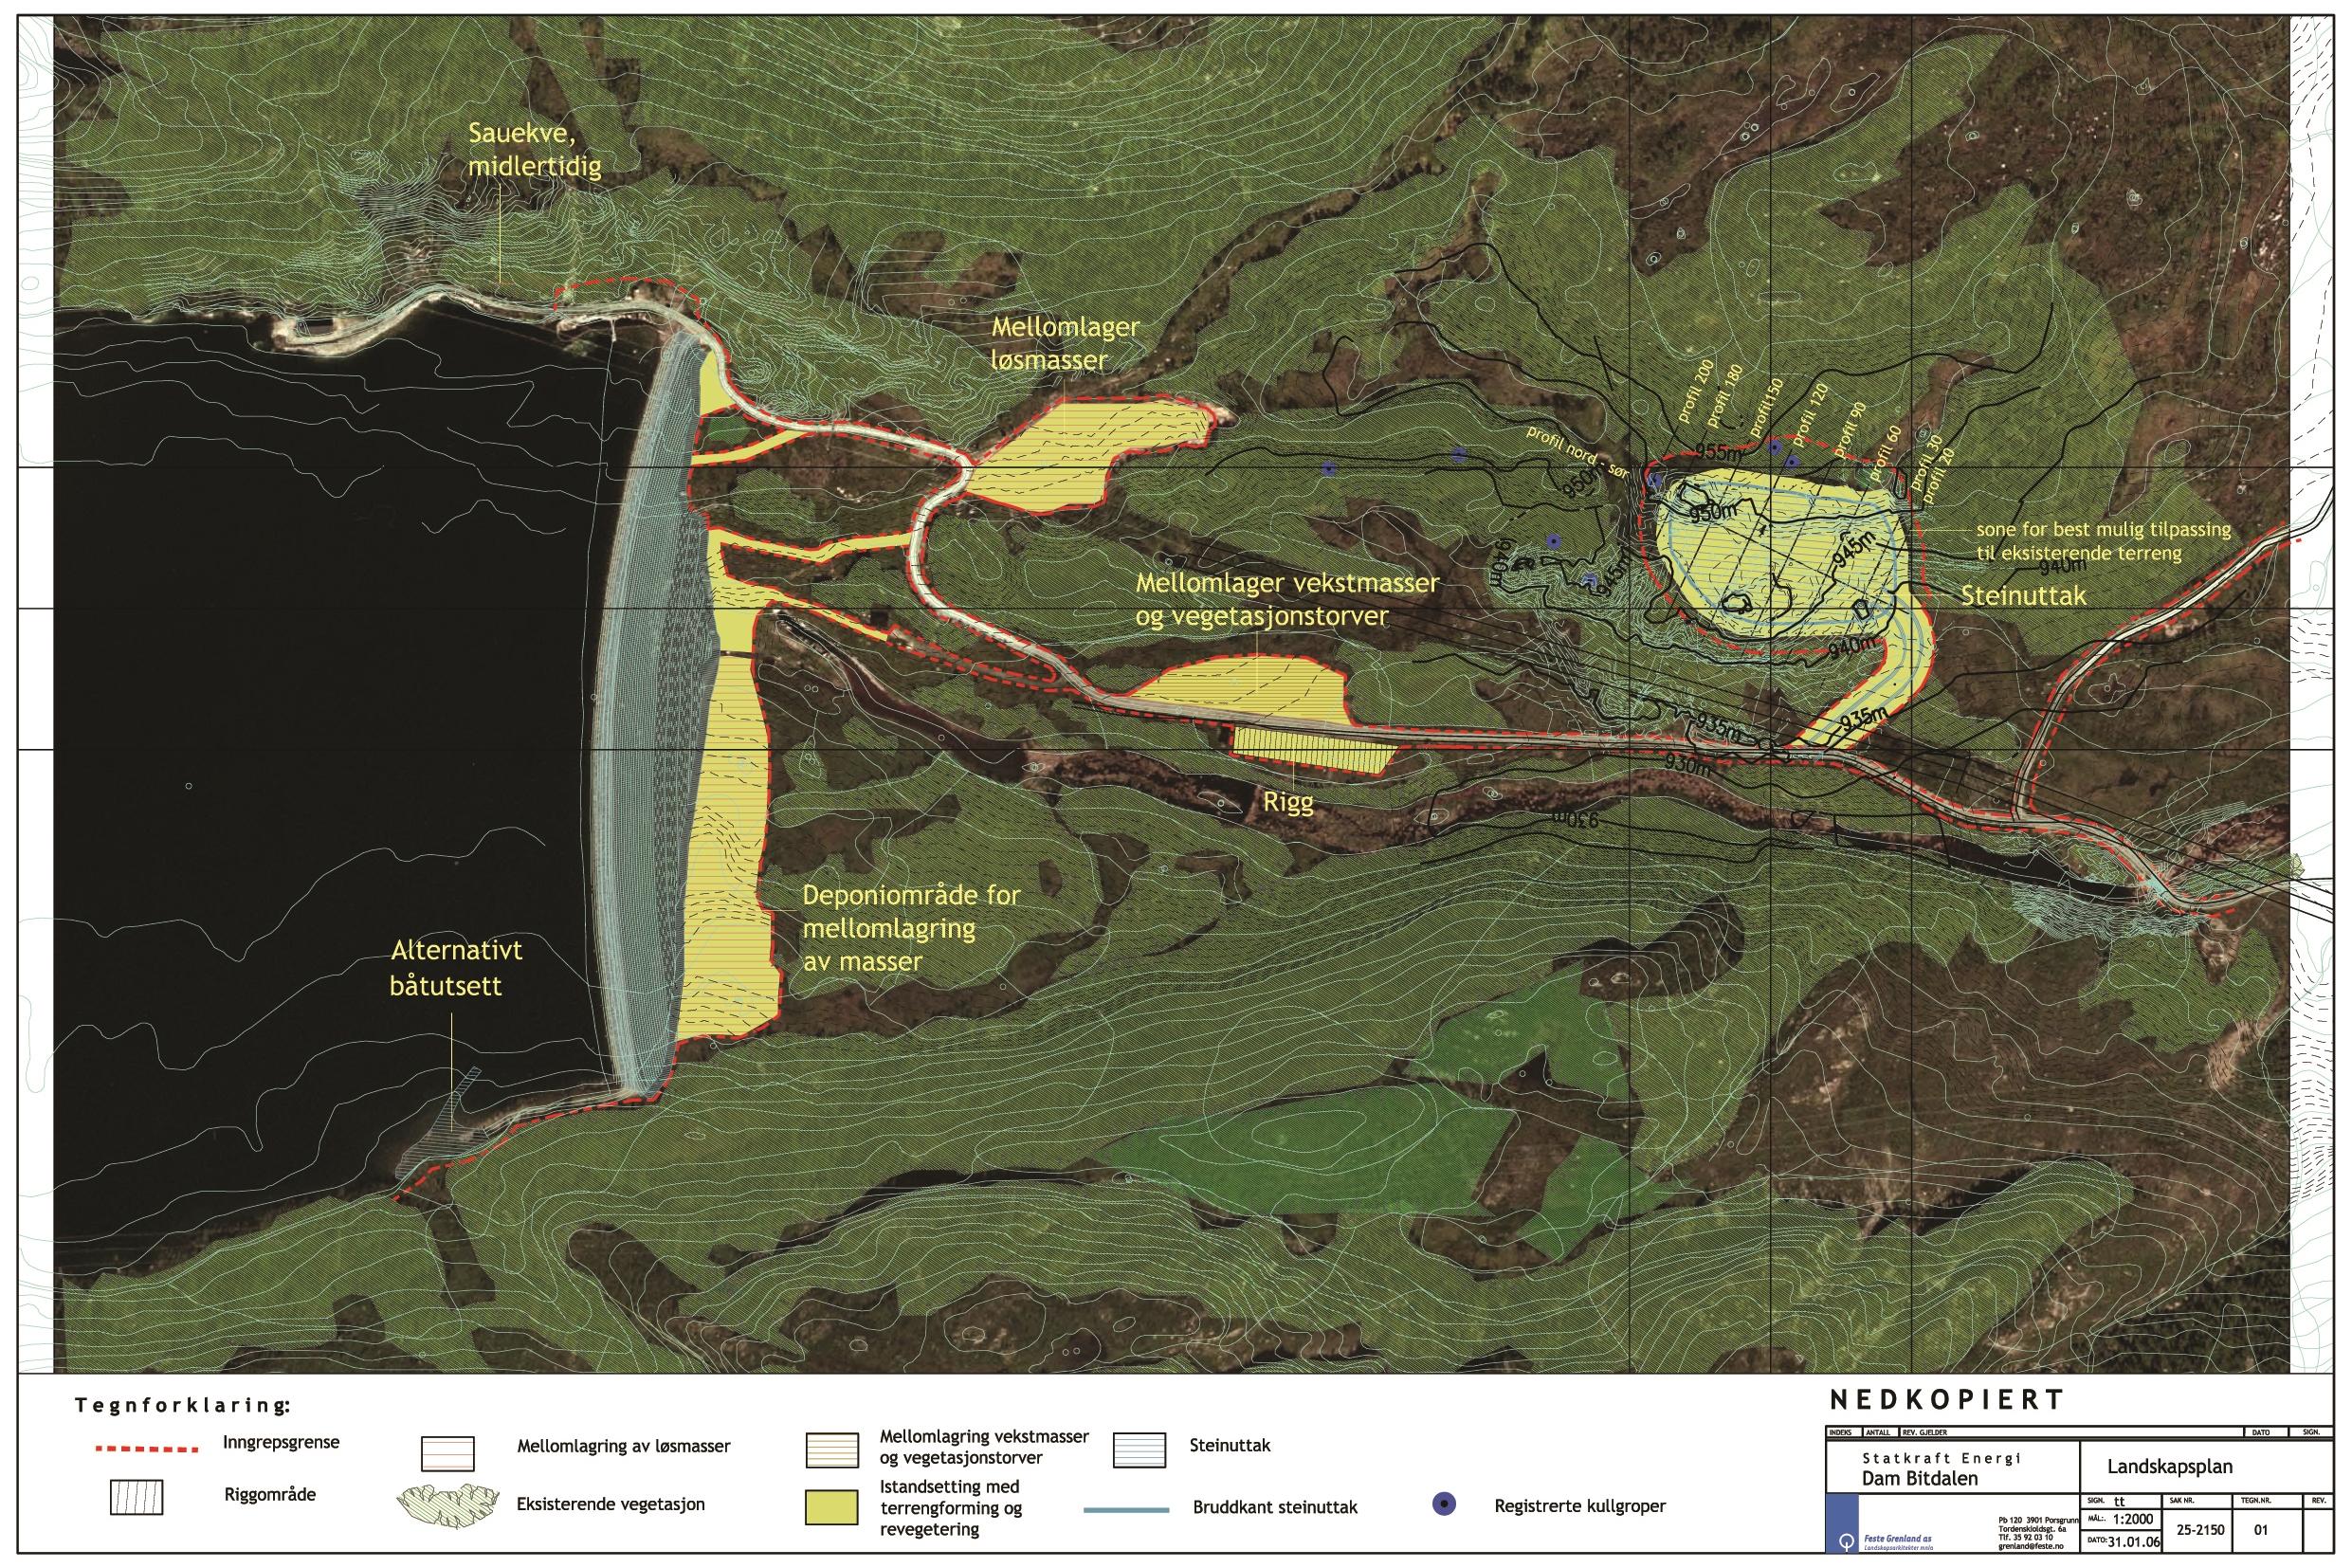 Landskapsplan for Dam Bitdalen